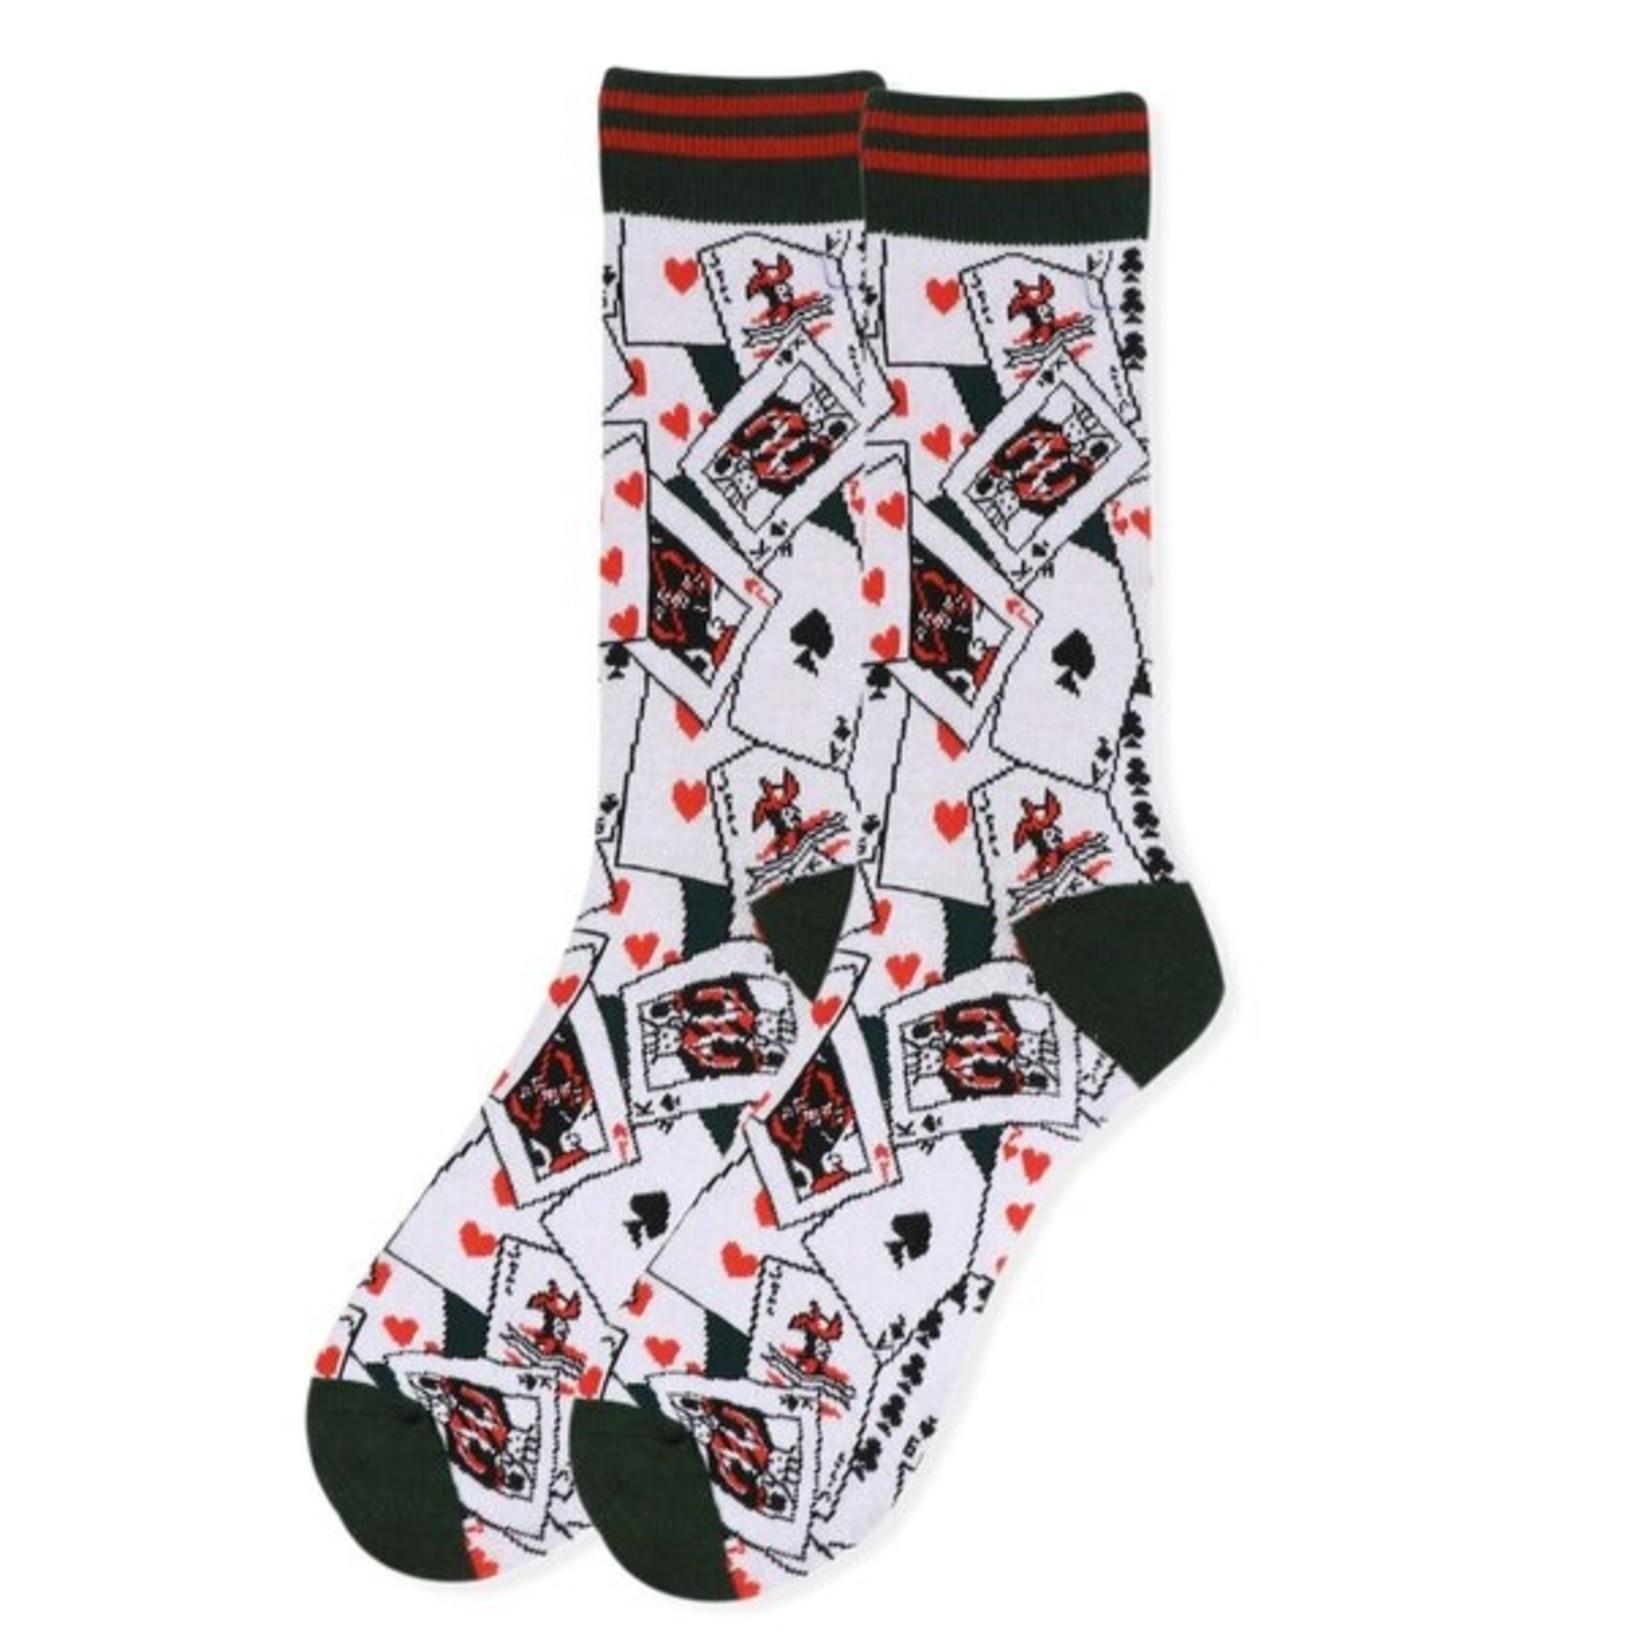 Novelty Men's Socks